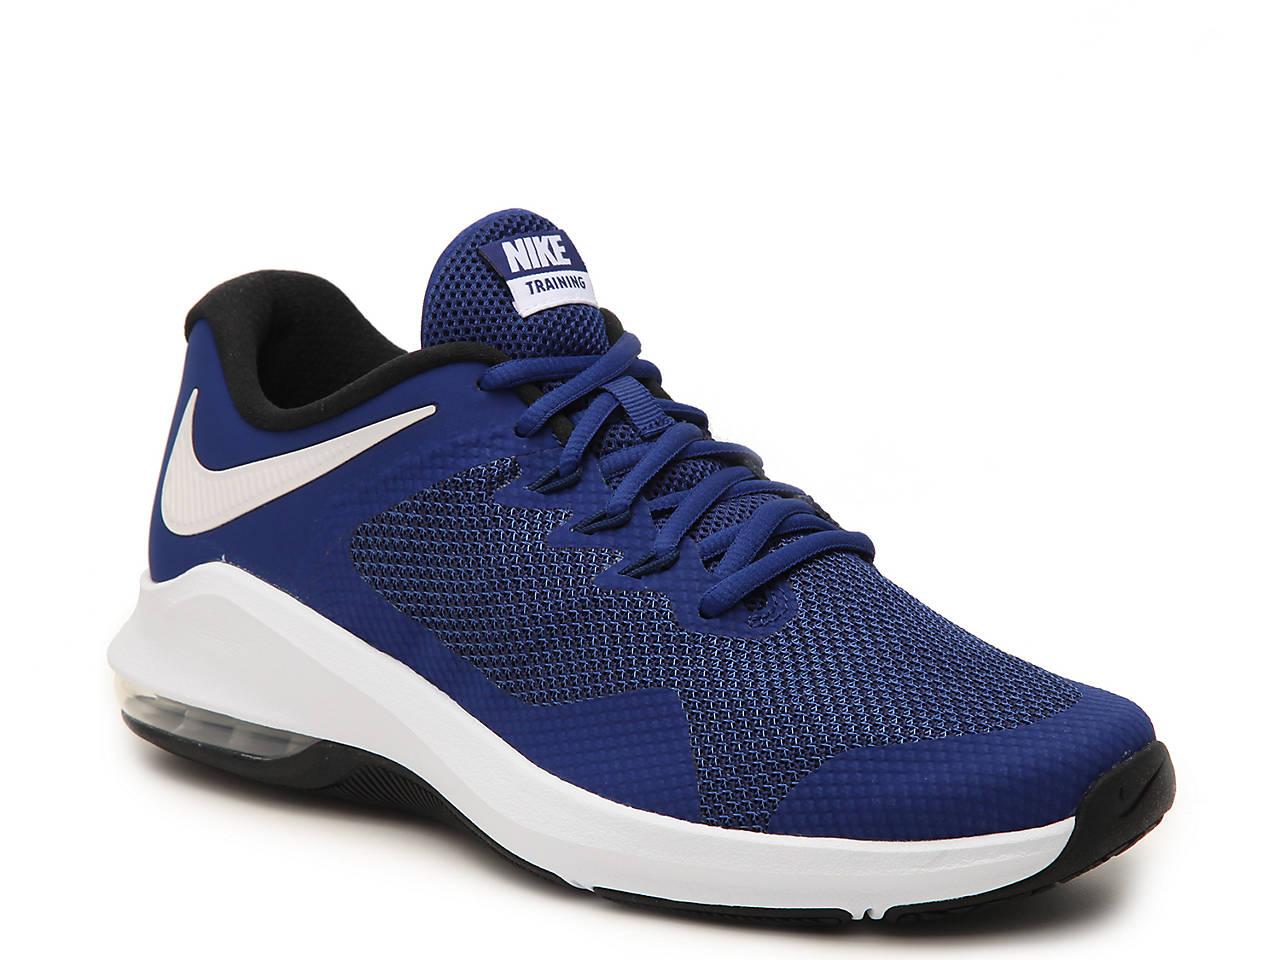 4e3f86b148552 Nike Air Max Alpha Trainer Training Shoe - Men's Men's Shoes | DSW